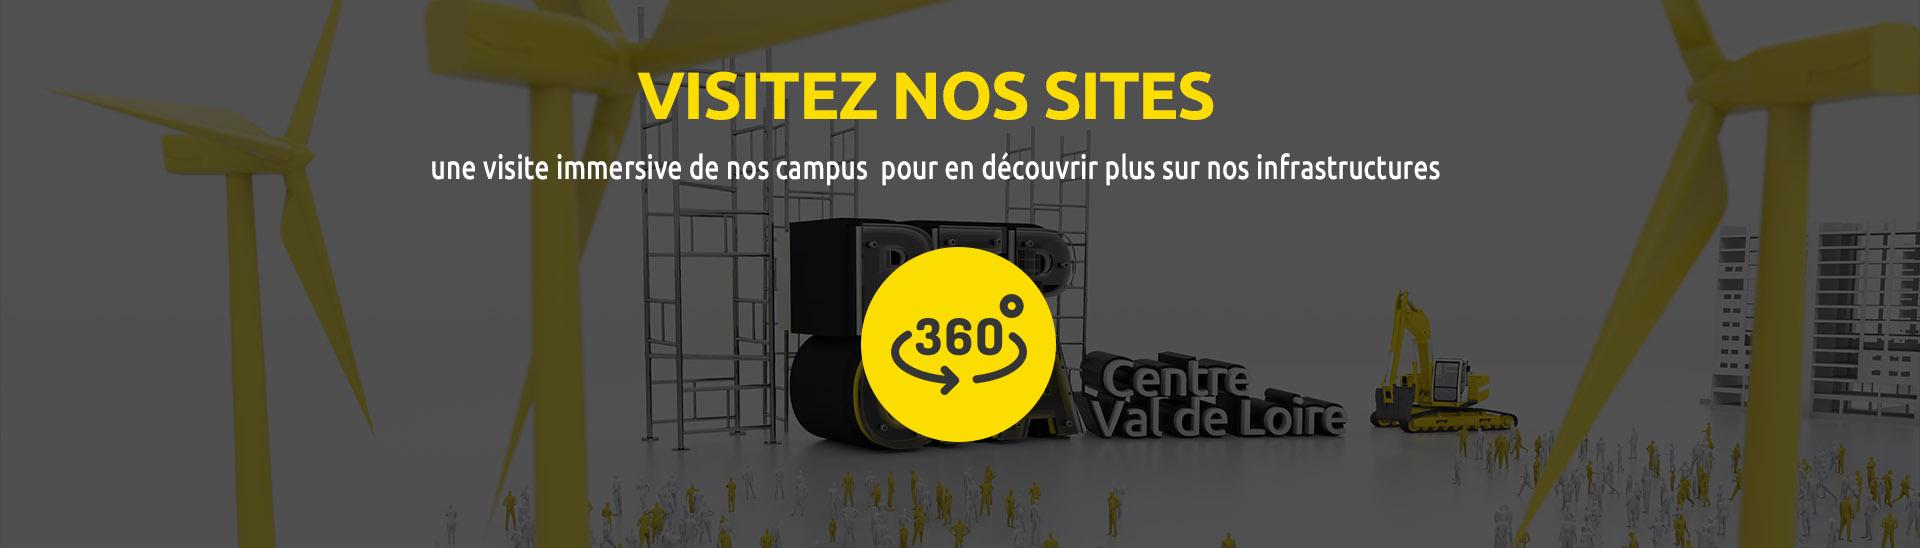 Visitez nos sites en 360 !